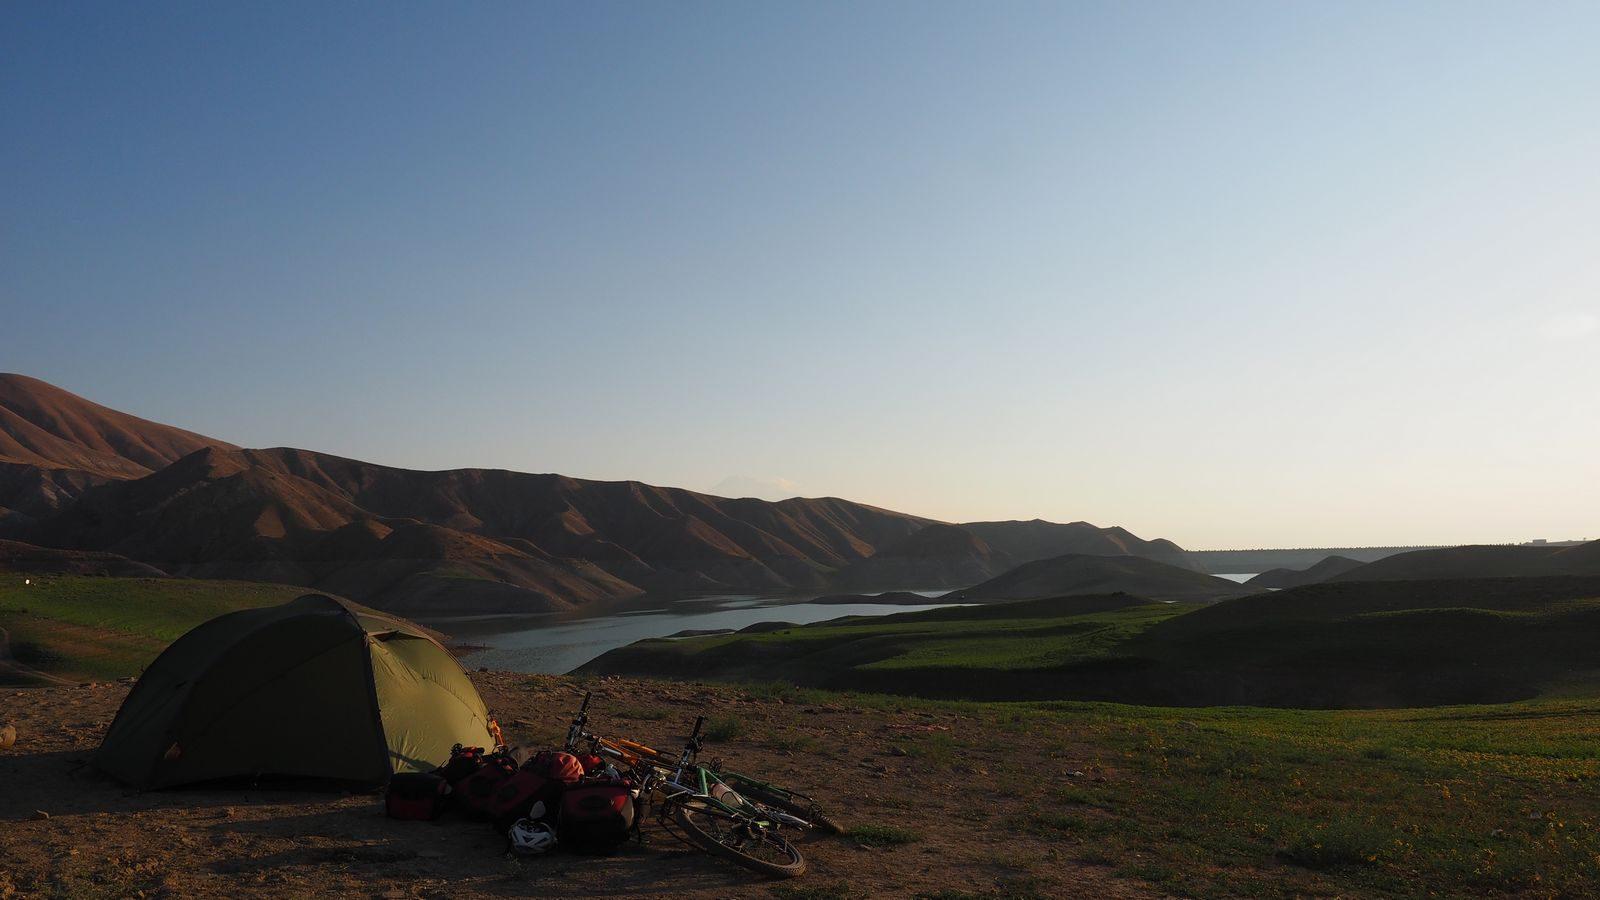 Radreise Armenien - Zeltplatz beim Azat Reservoir